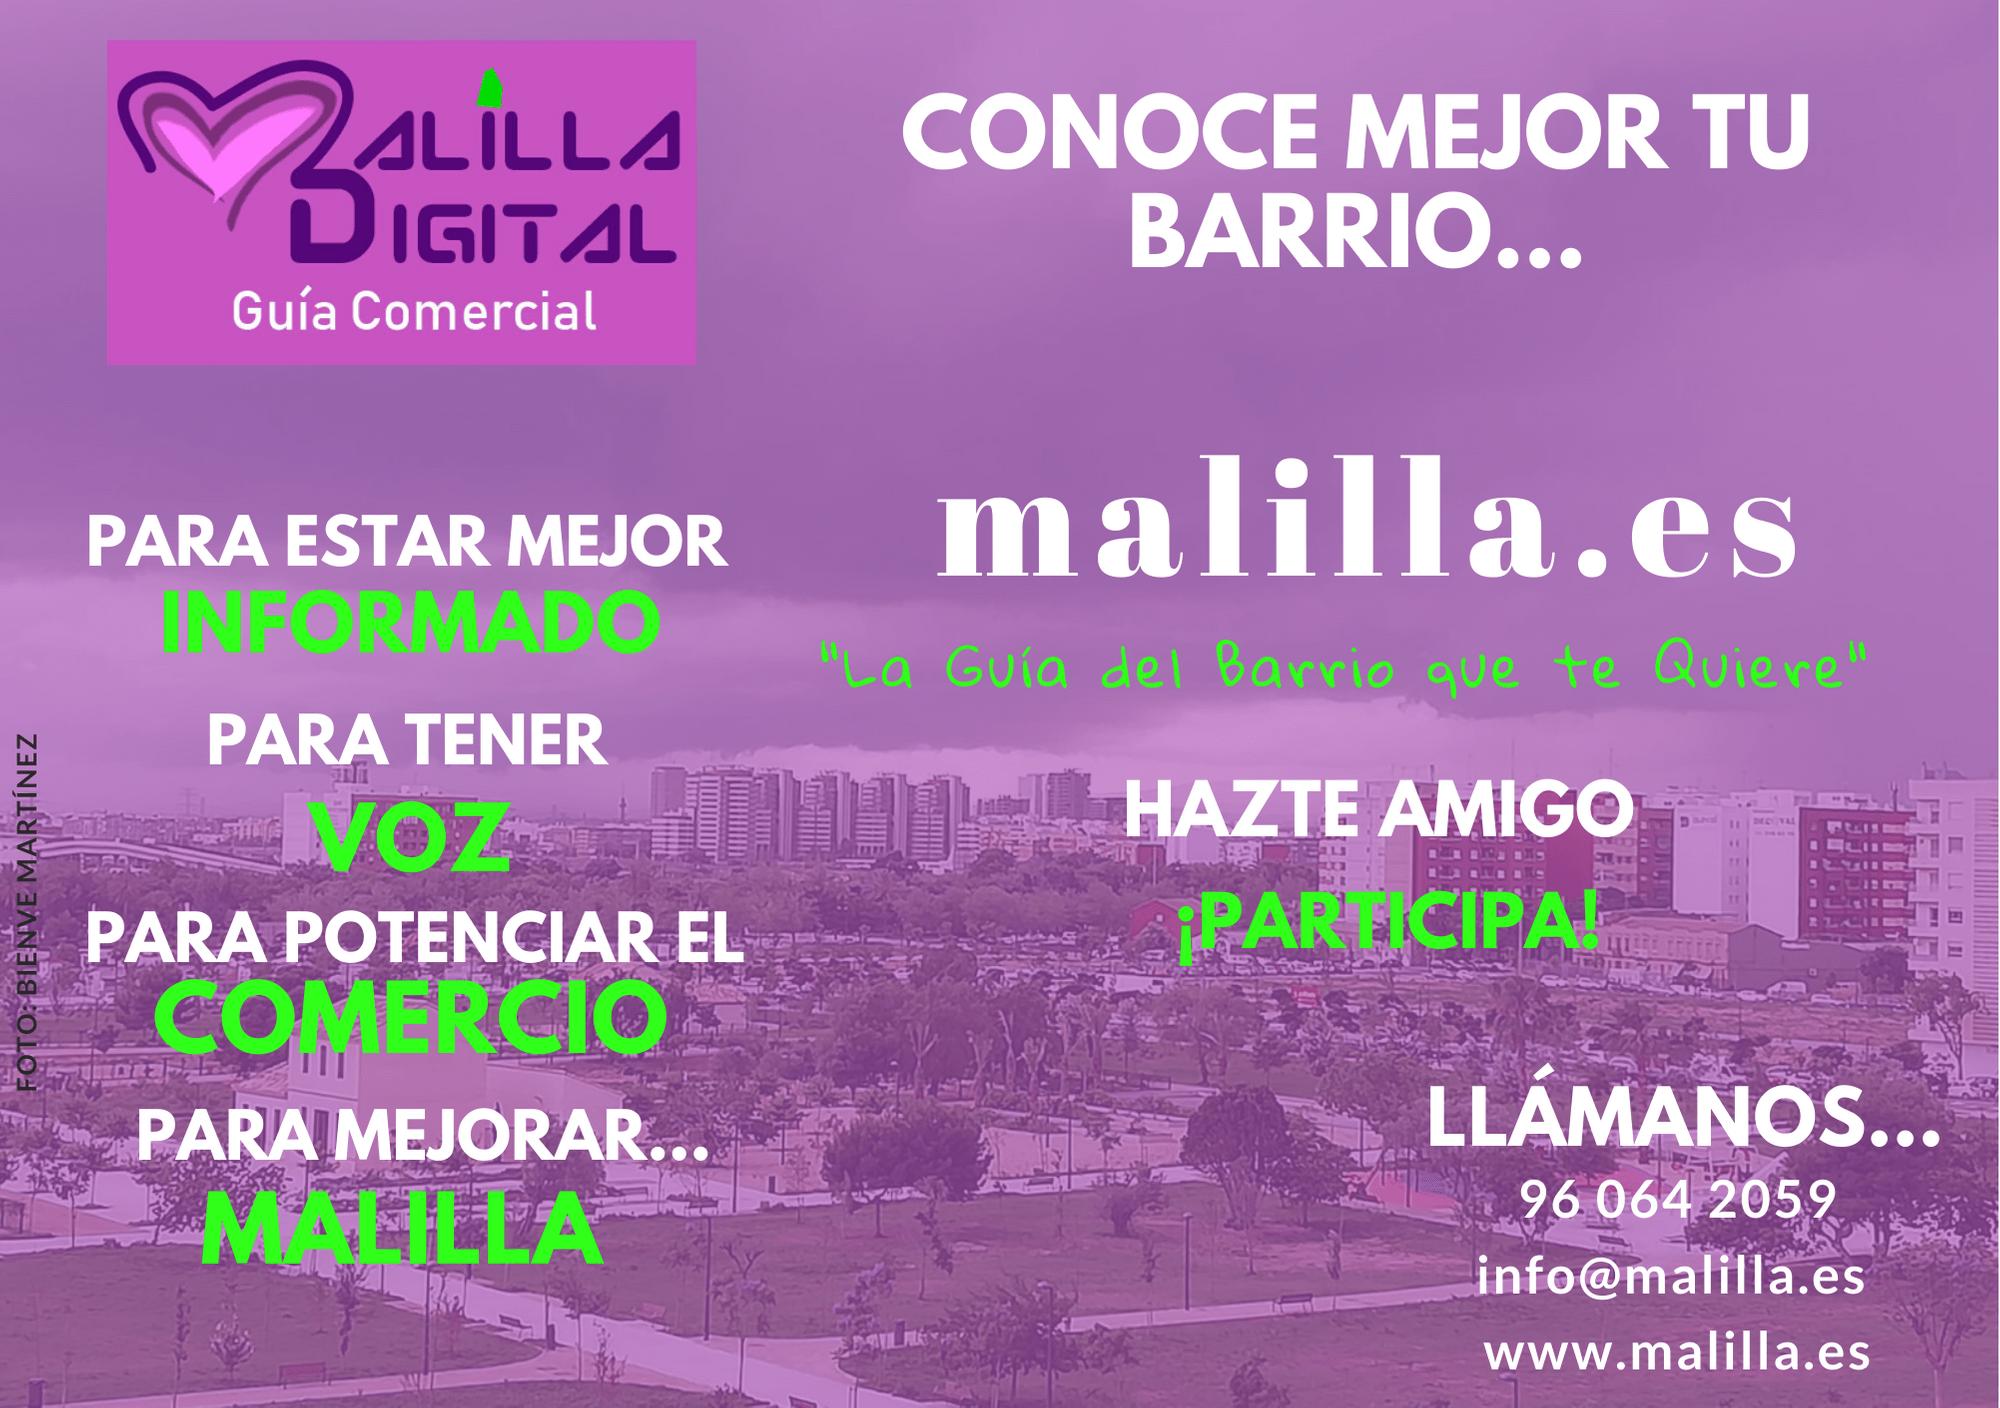 Algo se Mueve en Malilla |  Presentación de Malilla Digital